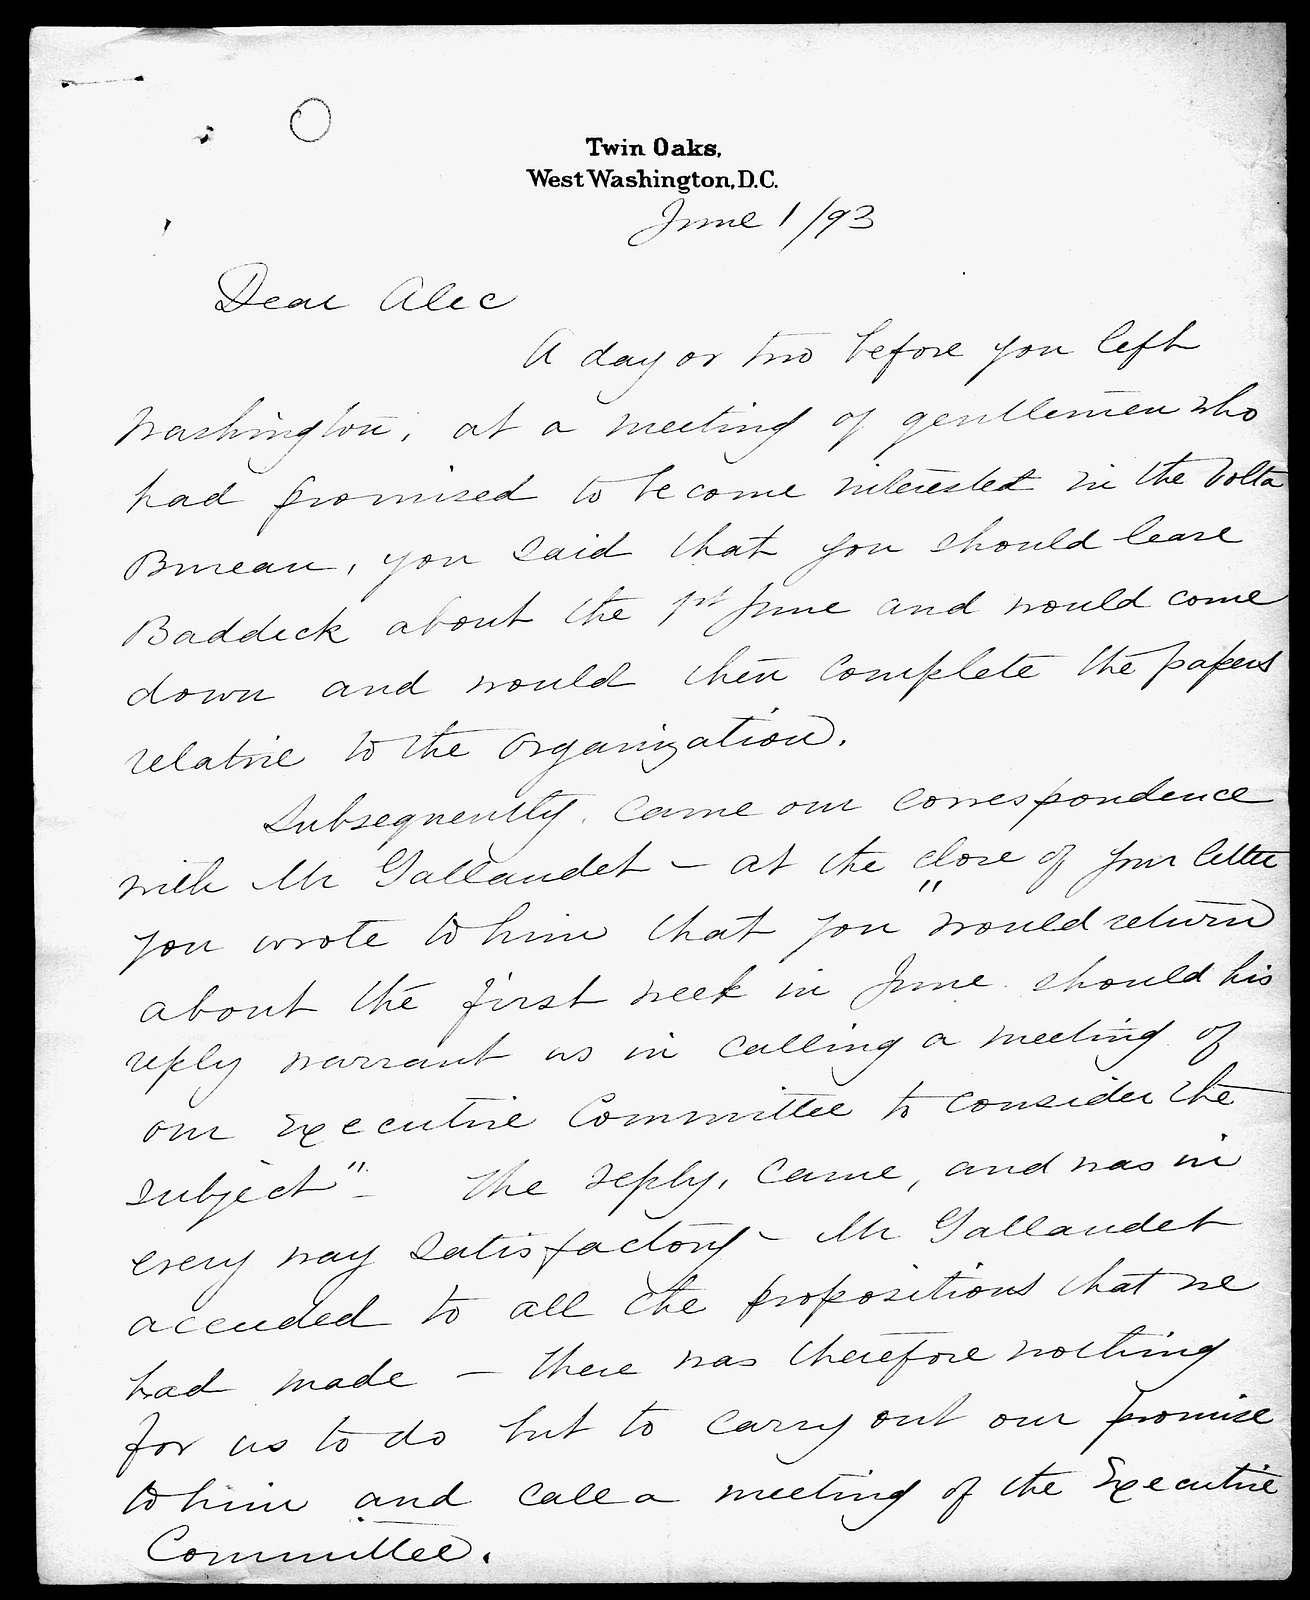 Letter from Gardiner Greene Hubbard to Alexander Graham Bell, June 1, 1893